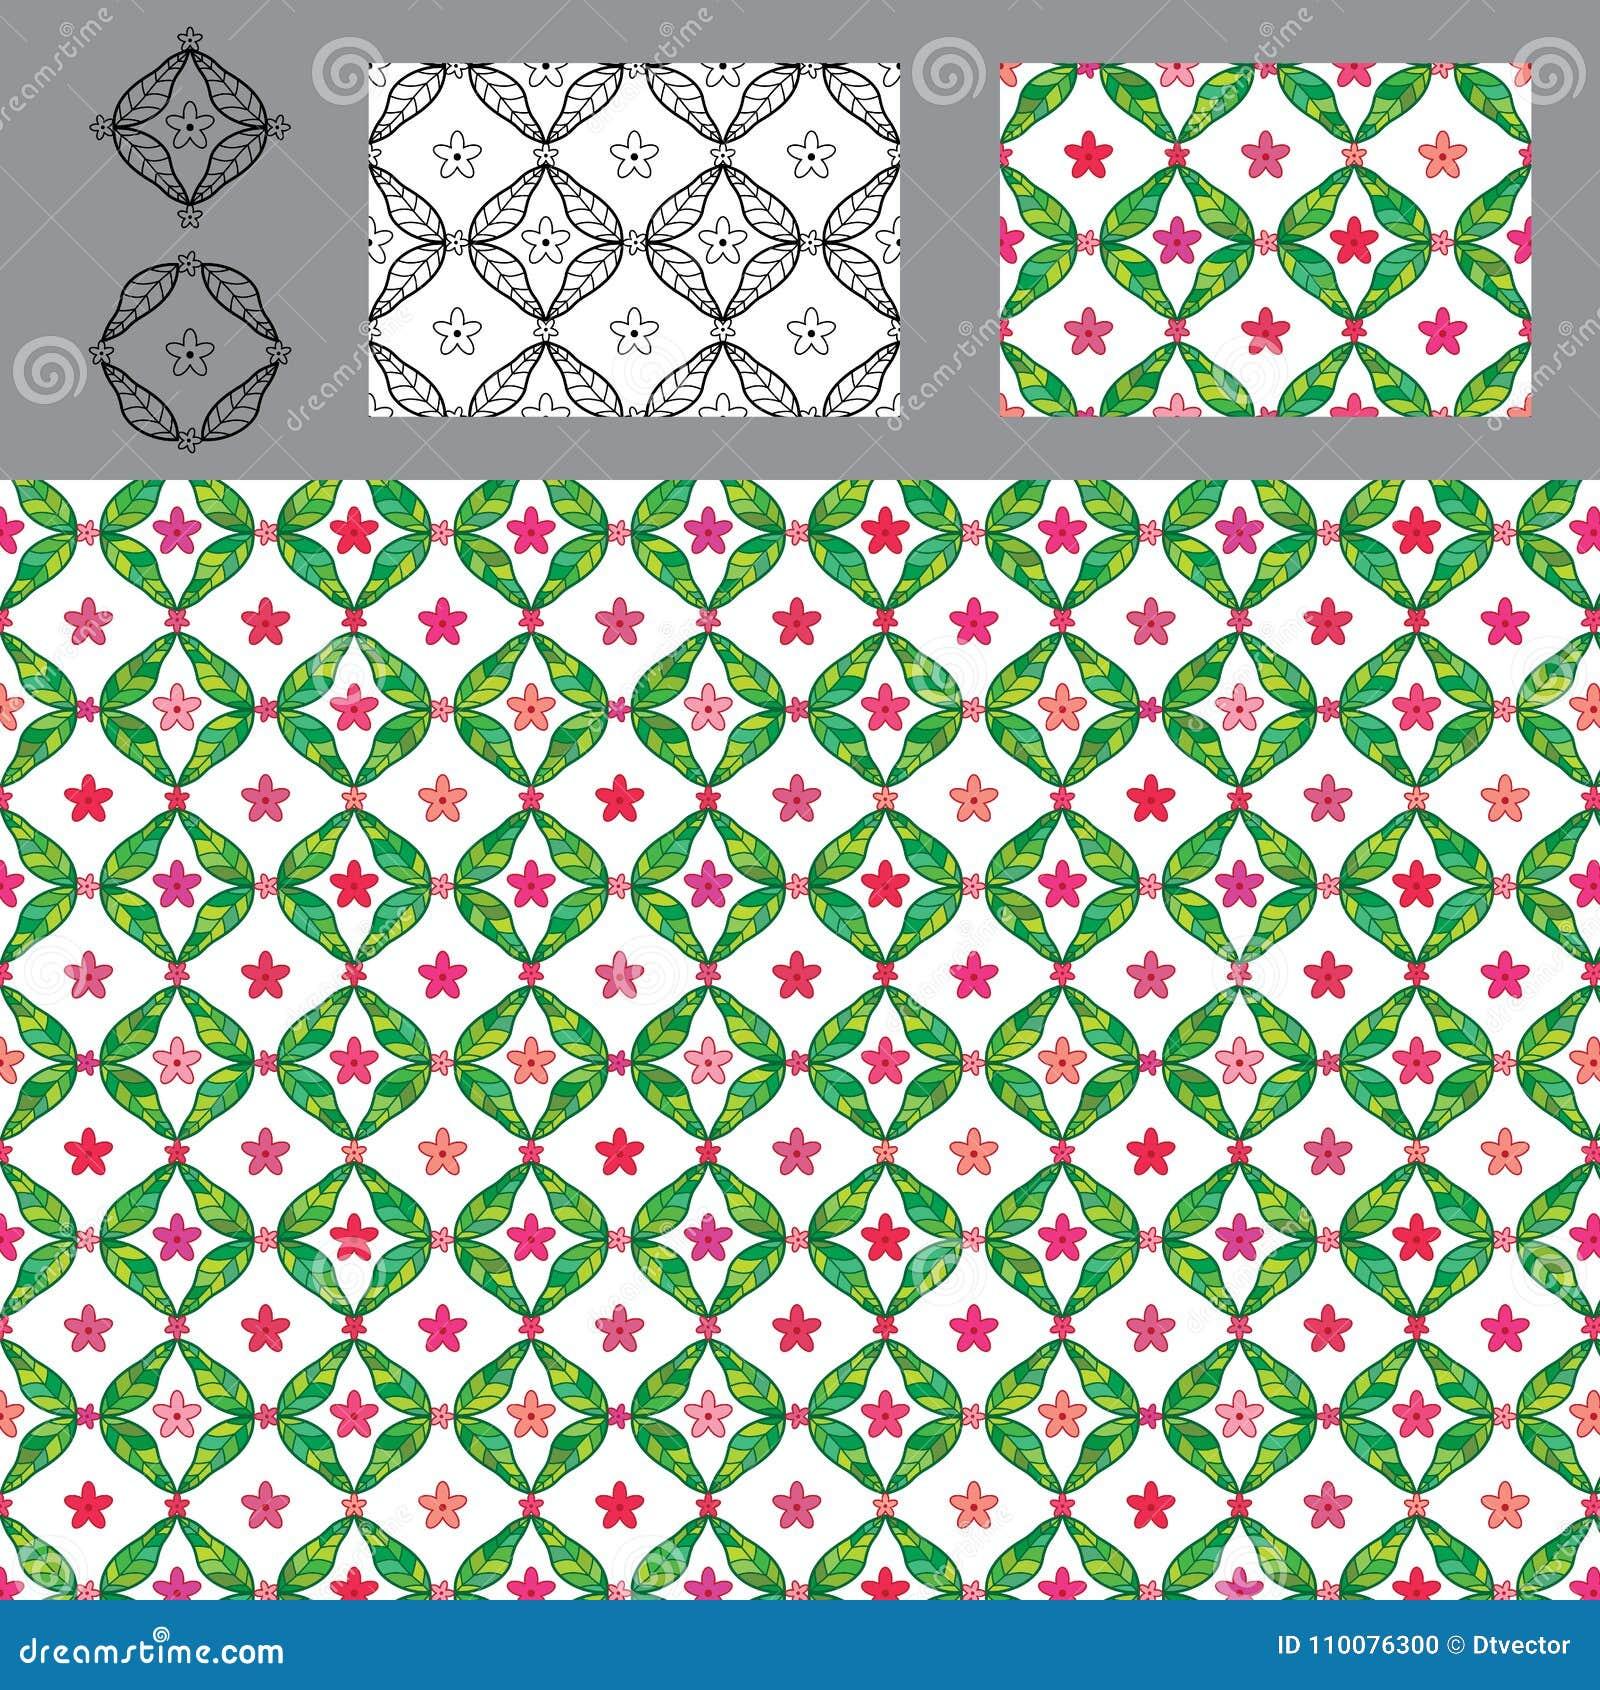 Van de het bladbloem van de diamantvorm reeks van het de symmetrie de naadloze patroon